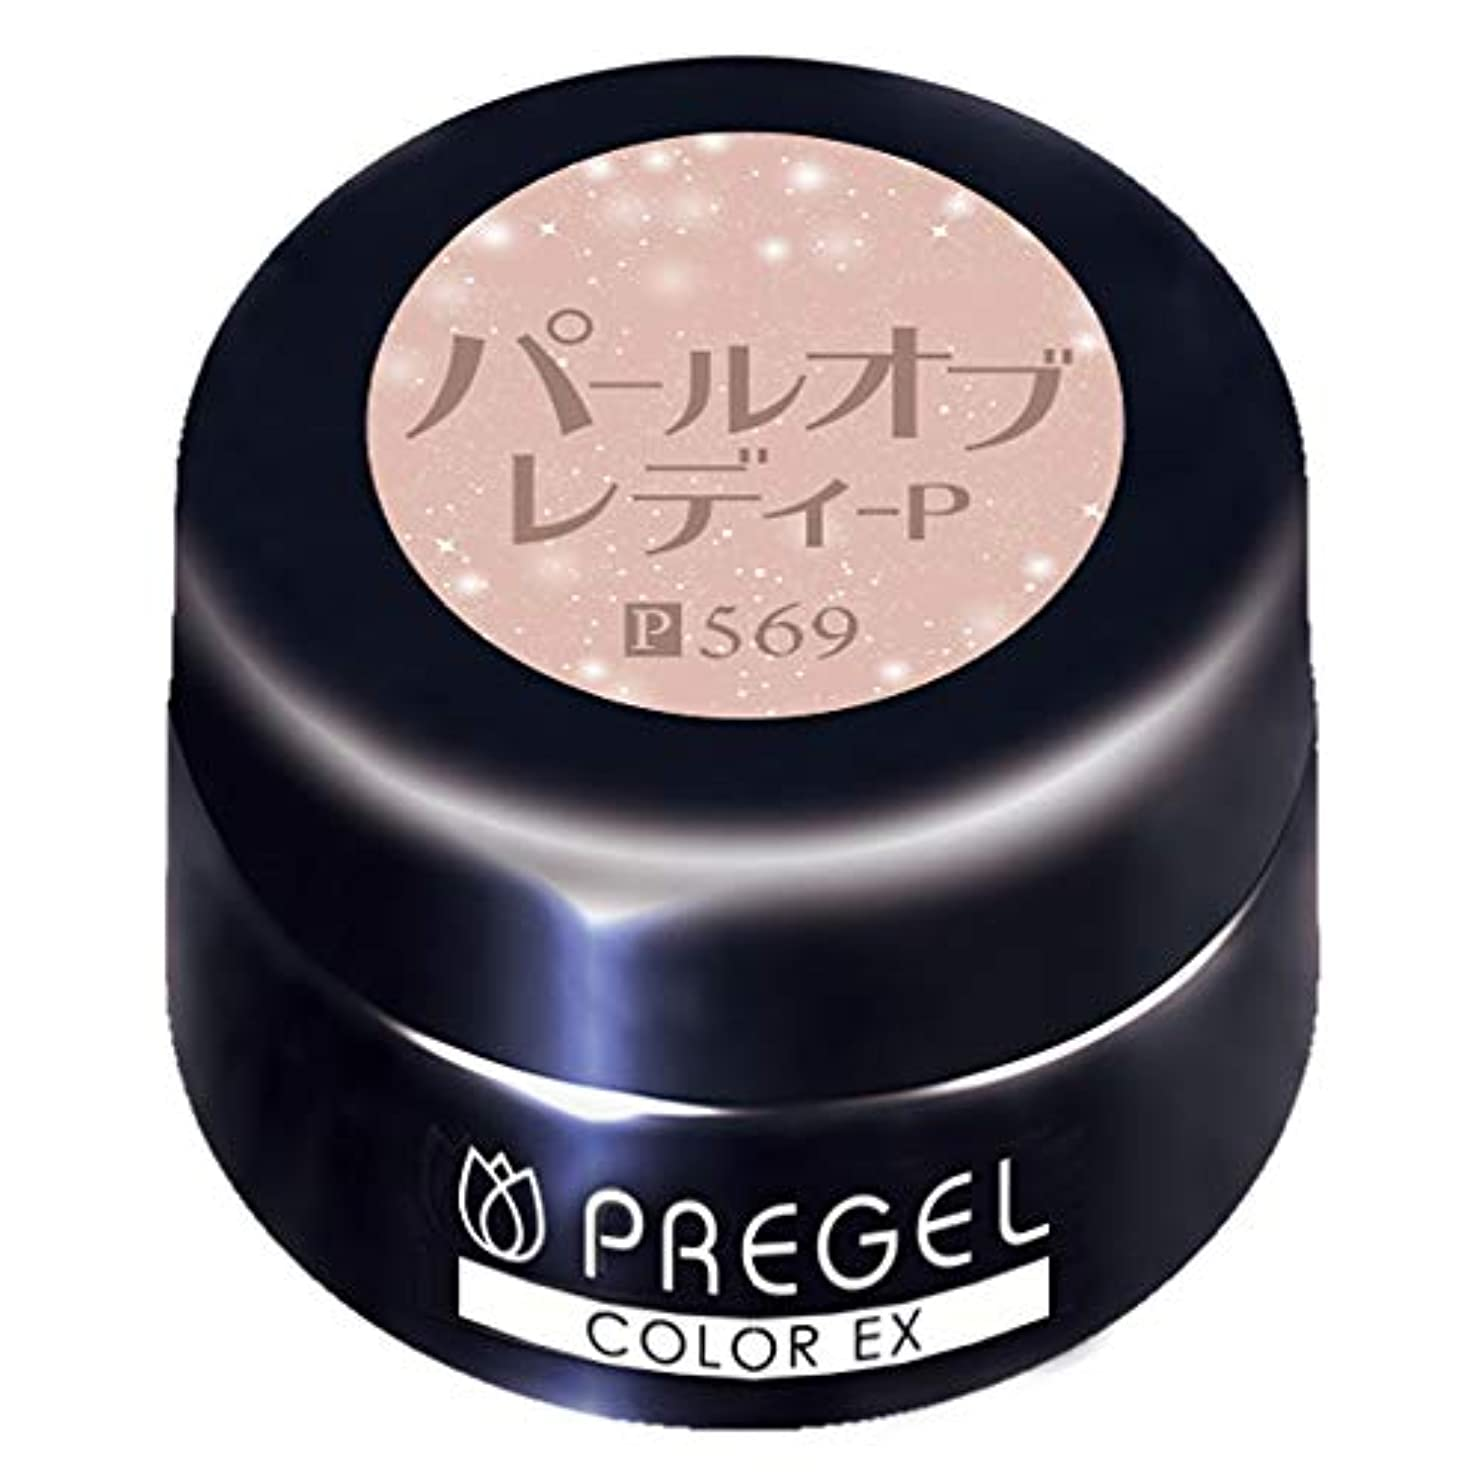 ほとんどない販売計画等PRE GEL(プリジェル) PRE GEL カラージェル カラーEX パールオブレディ-P 3g PG-CE569 UV/LED対応 ジェルネイル